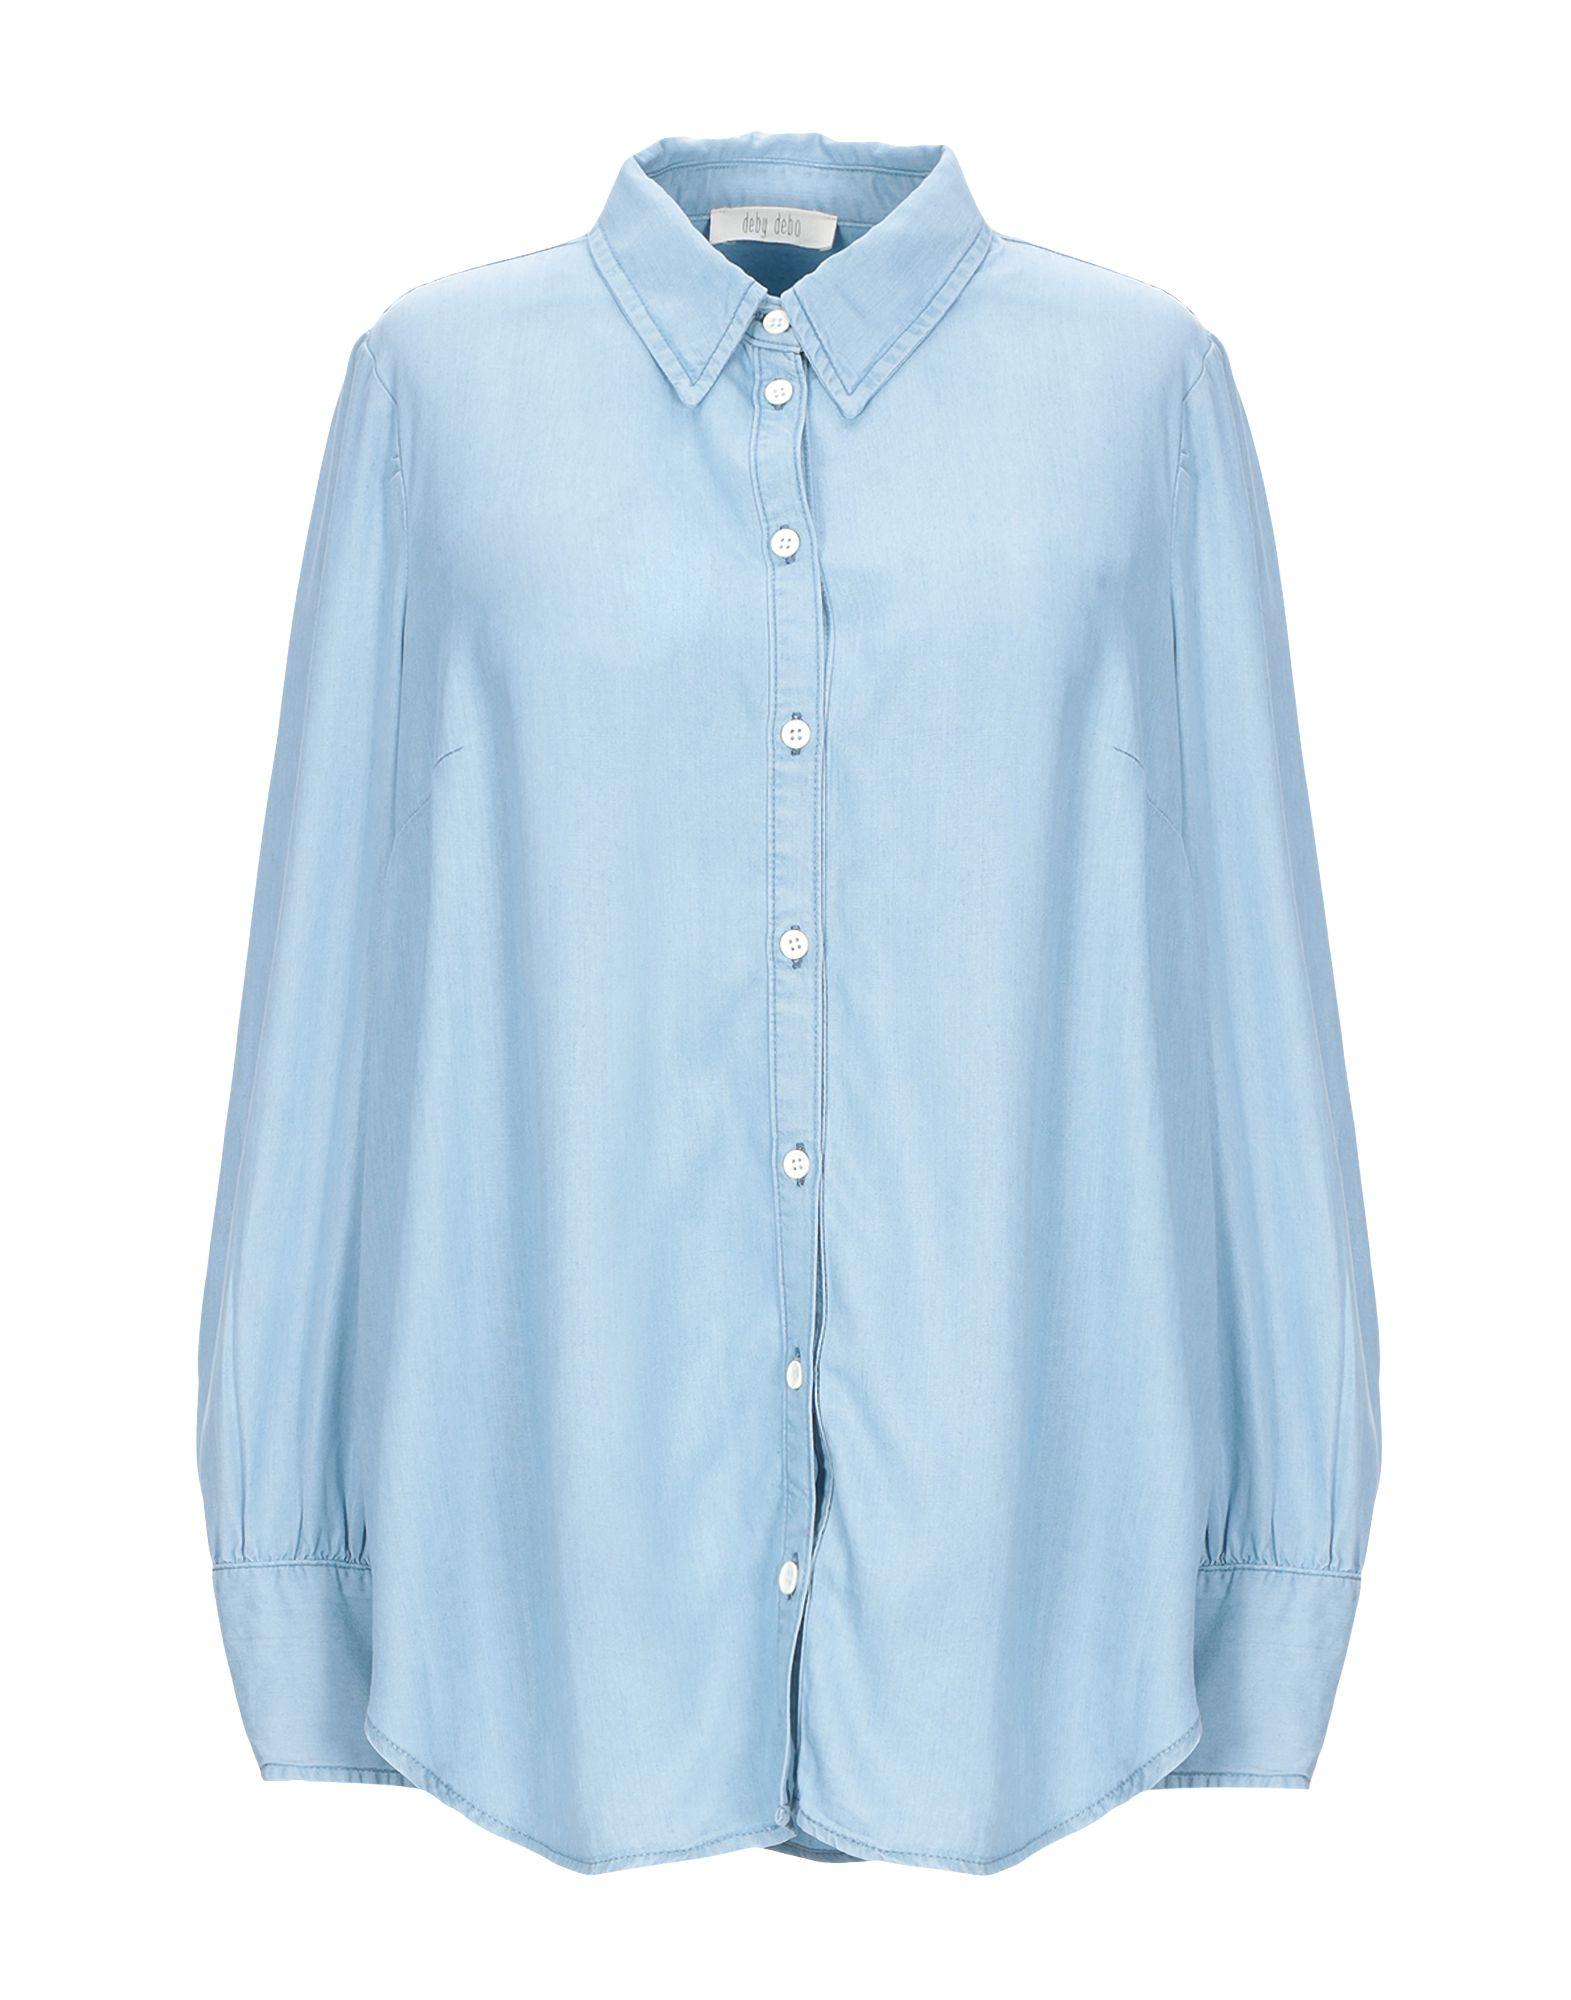 цены на DEBY DEBO Джинсовая рубашка  в интернет-магазинах